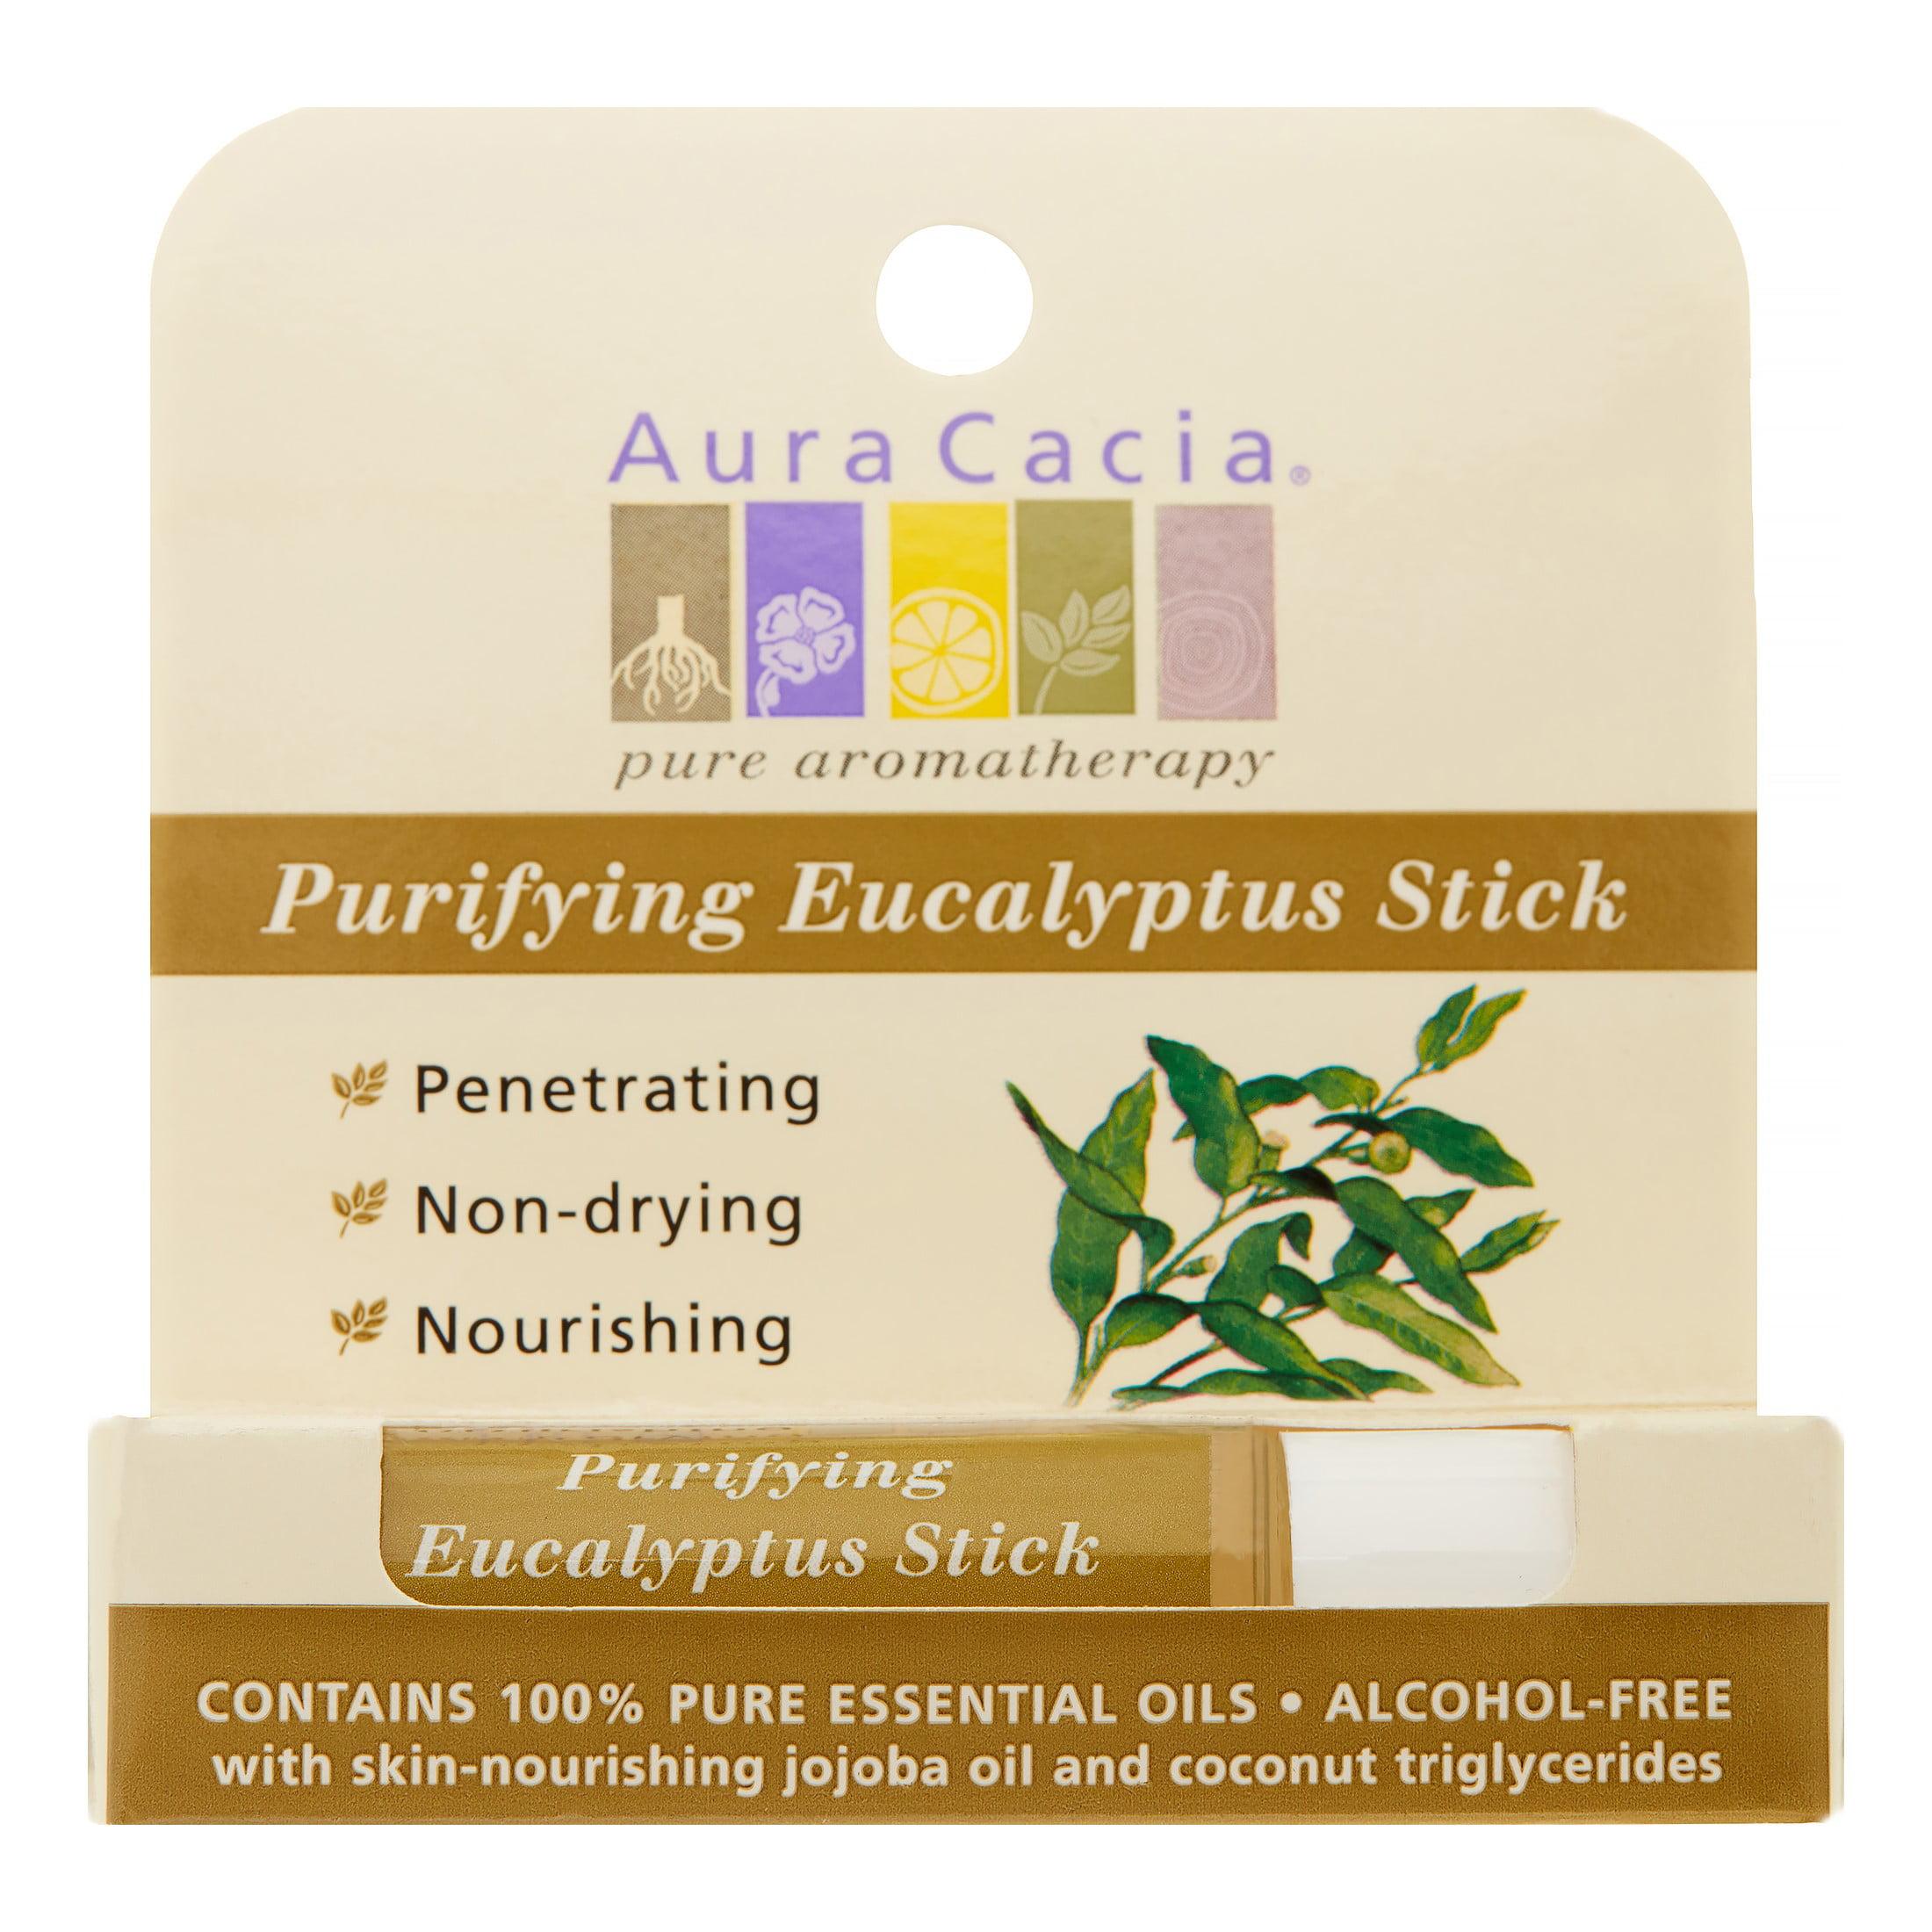 Aura Cacia Aromatherapy Roll-On, Clearing Eucalyptus, 0.31 Fl Oz